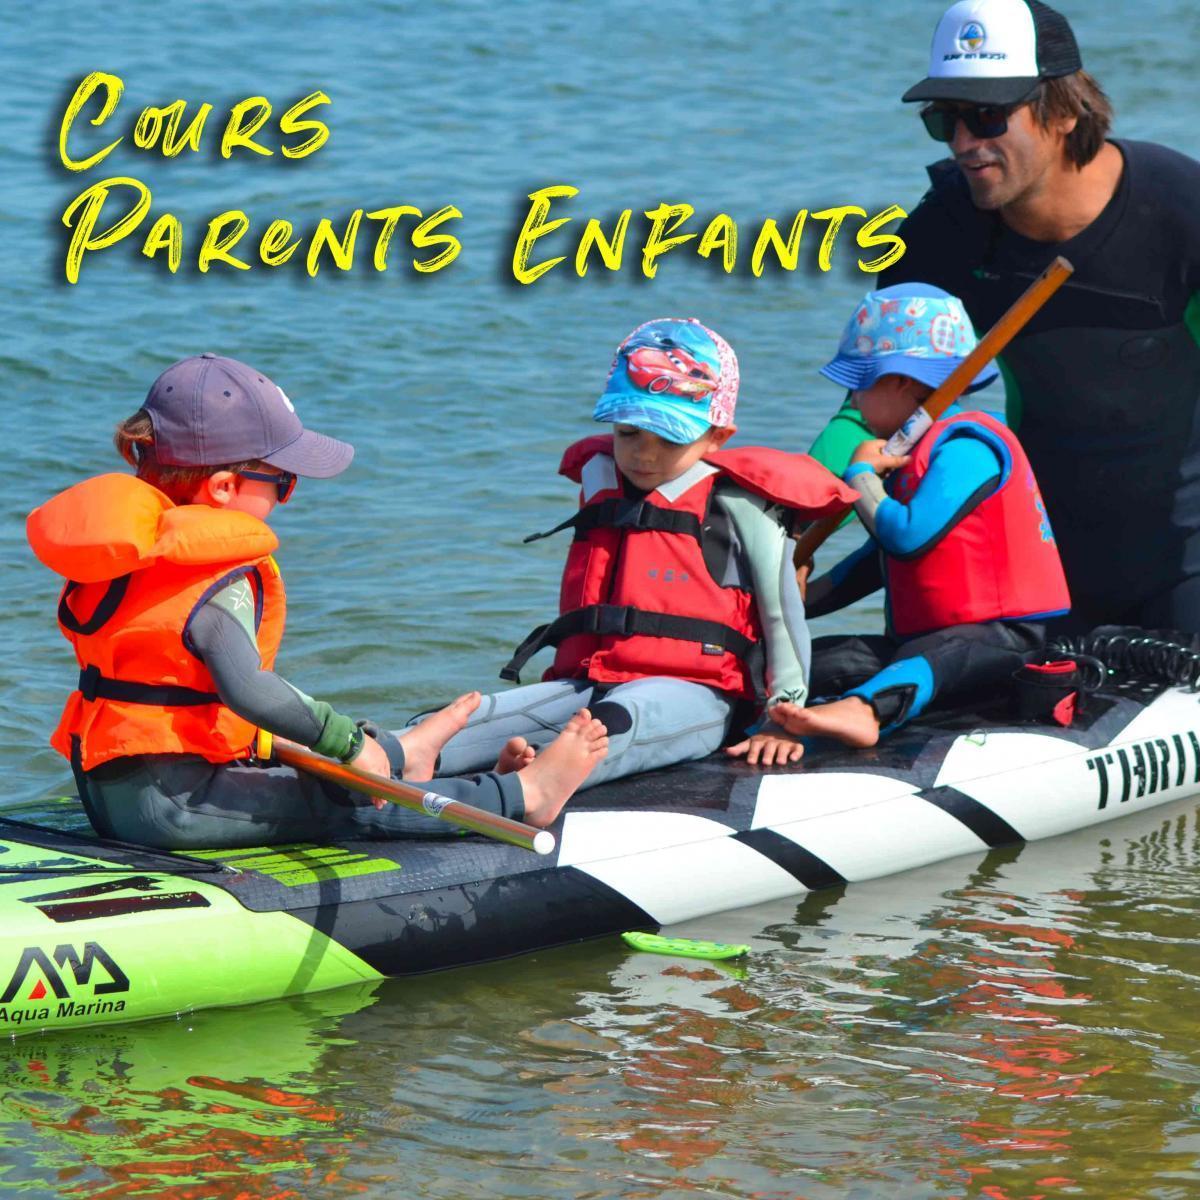 cours parents-enfants